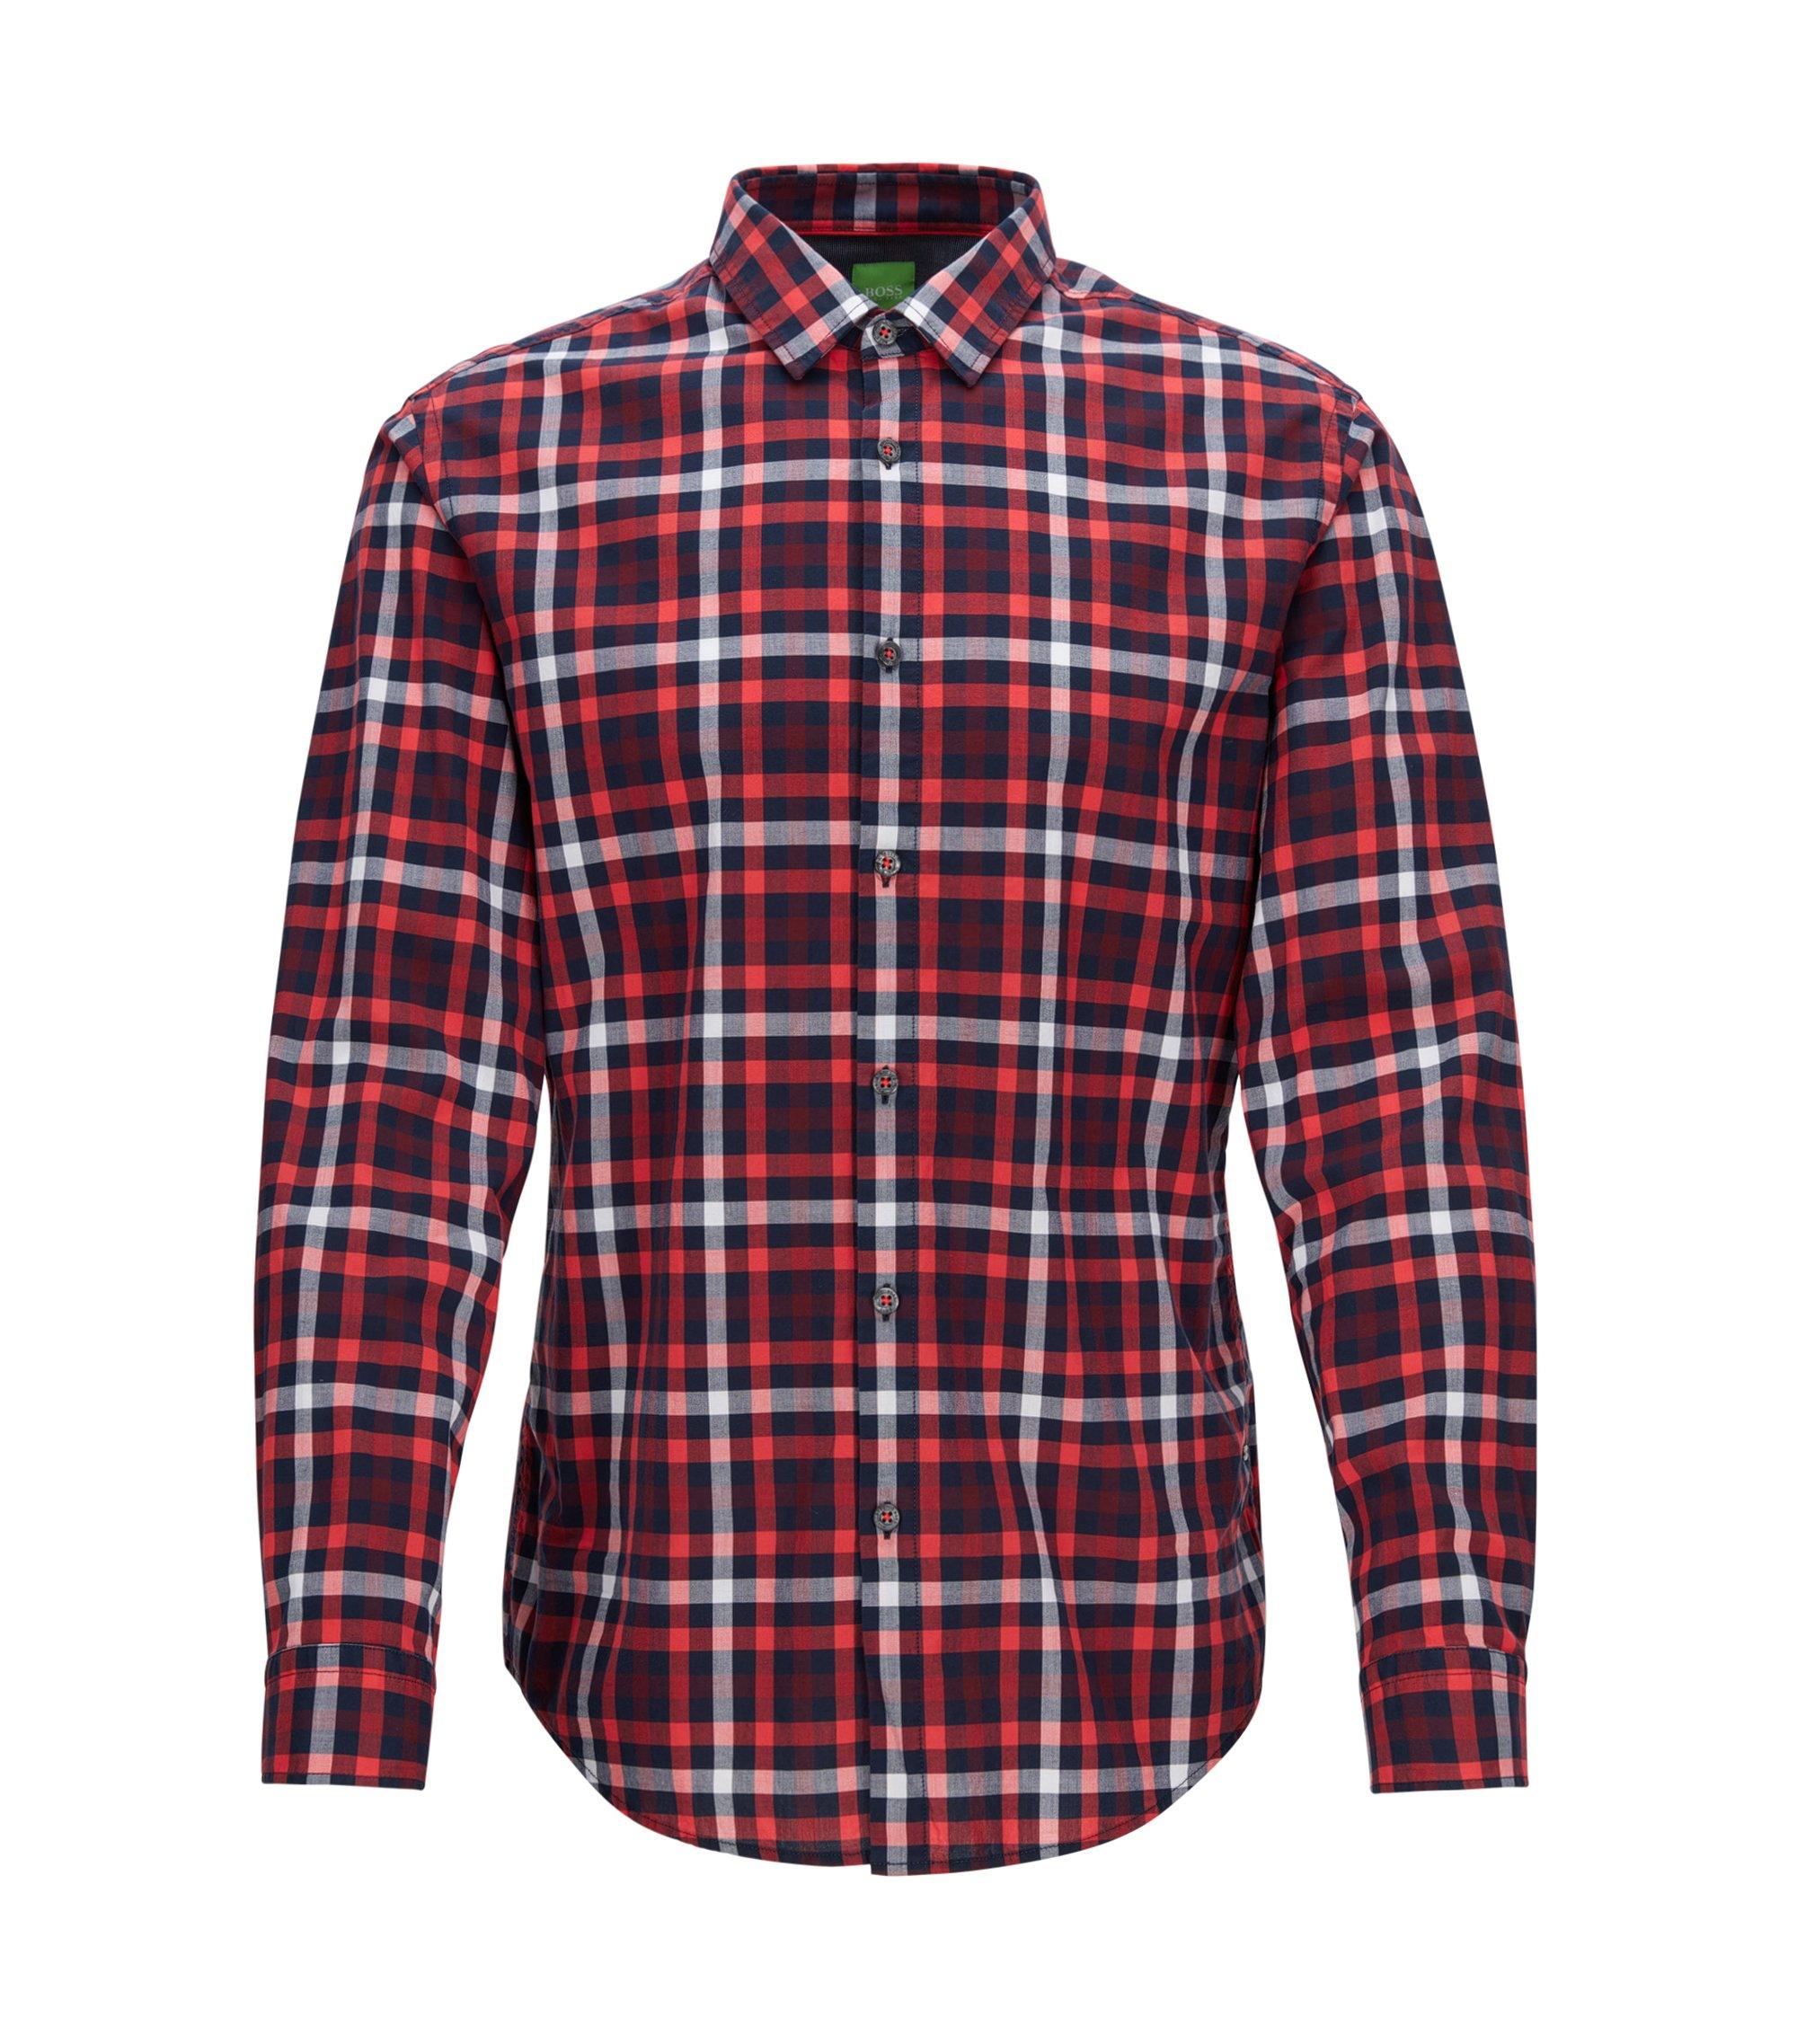 Check Cotton Button Down Shirt, Slim Fit | C-Baldasar S, Dark pink